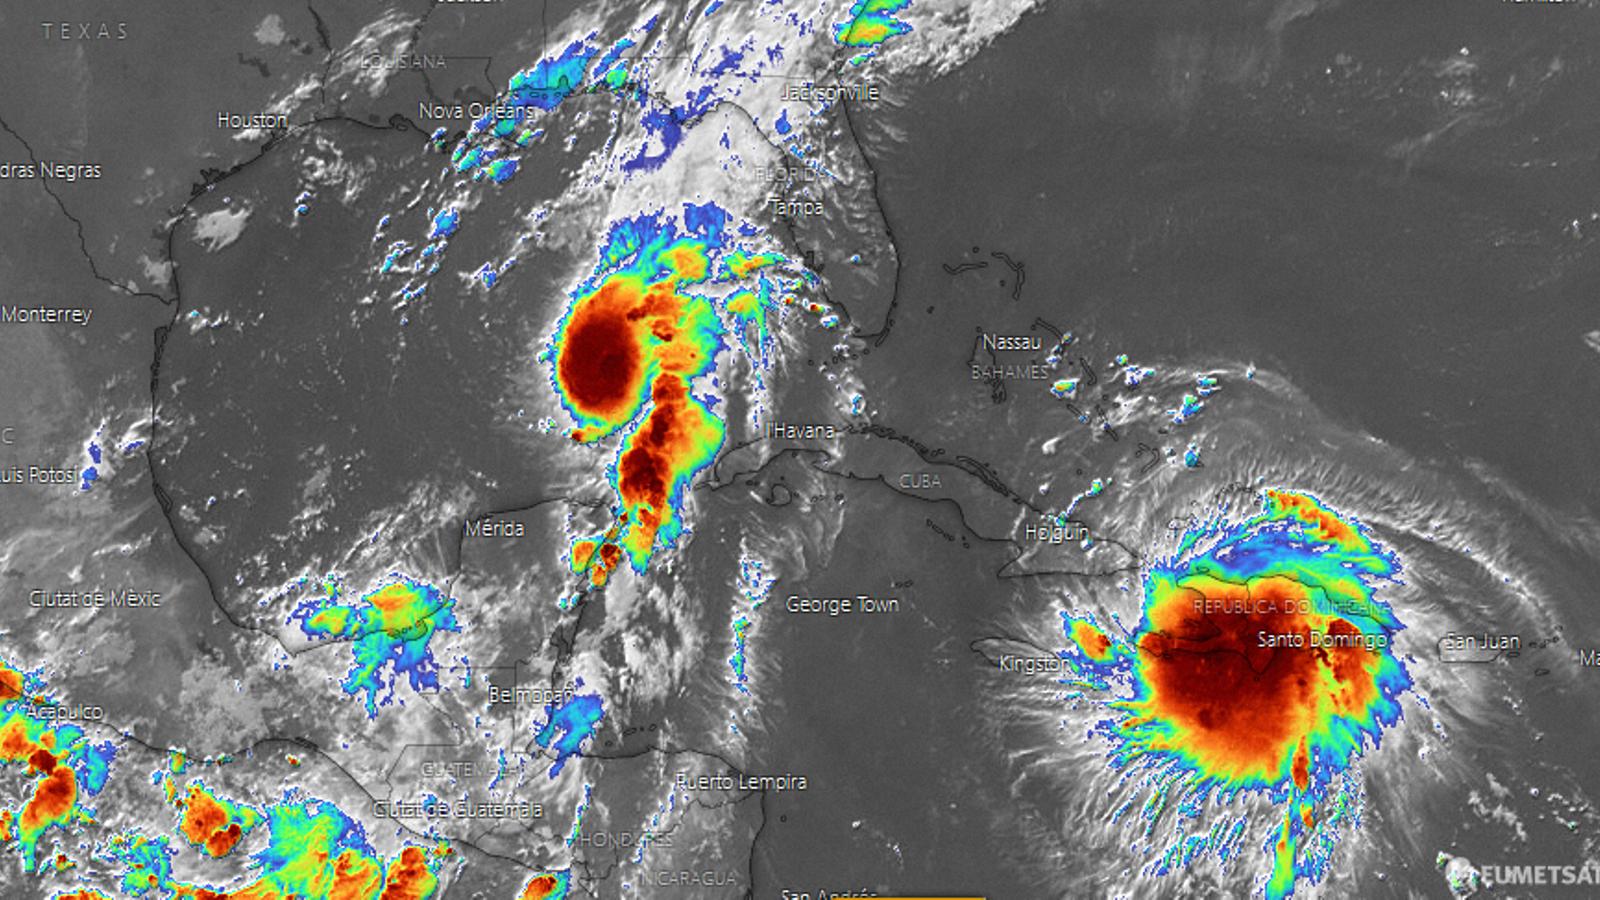 'Laura' i 'Marco', els dos ciclons tropicals actius que s'endinsen pel golf de Mèxic